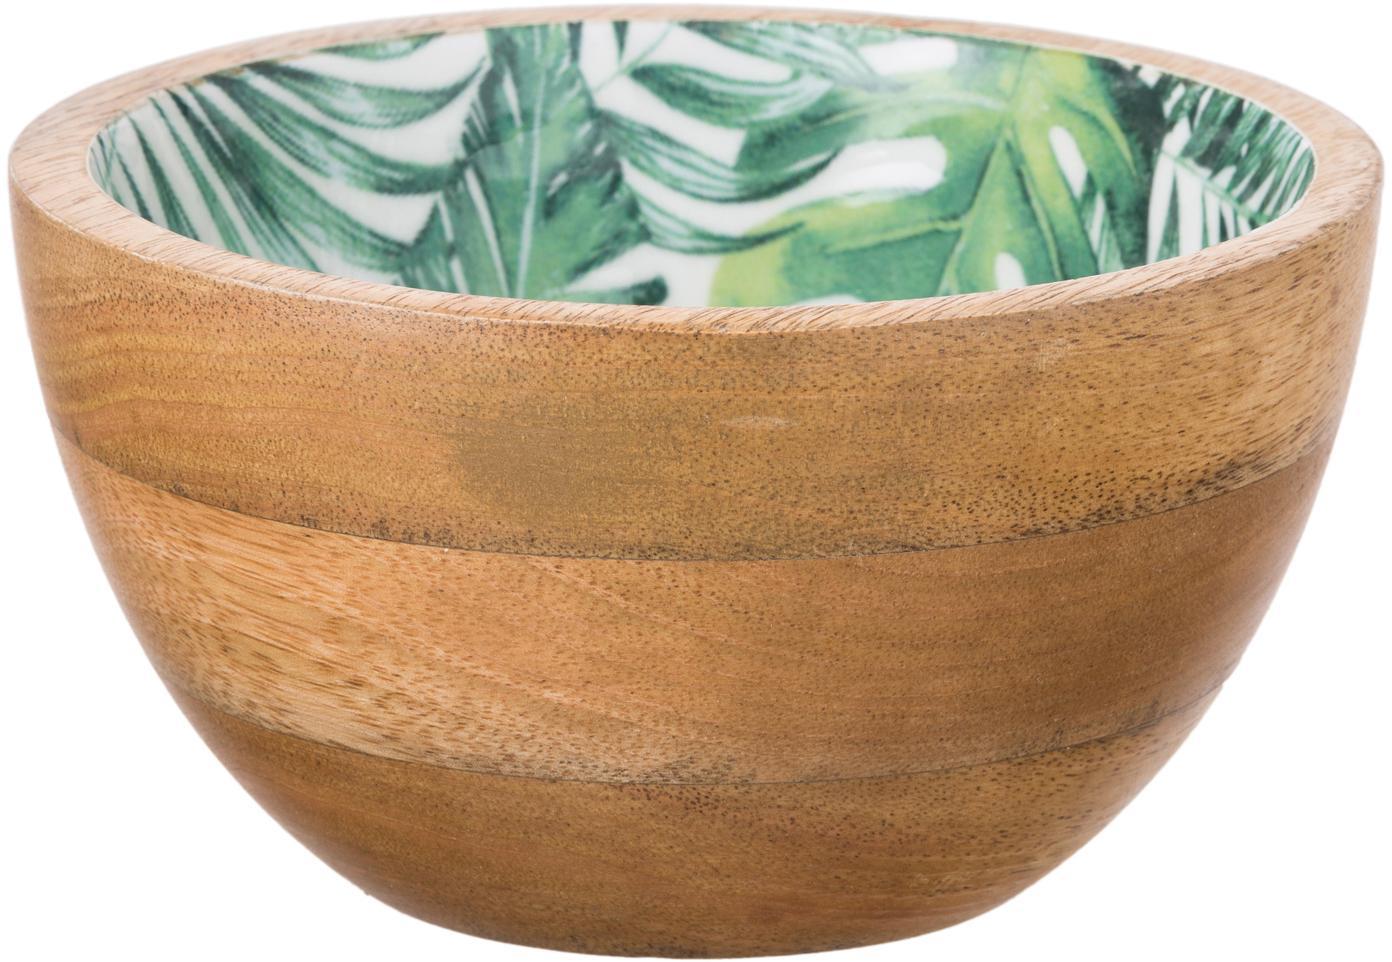 Miseczka z drewna mangowego Alina, Drewno mangowe, Drewno mangowe, zielony, biały, Ø 16 x W 9 cm